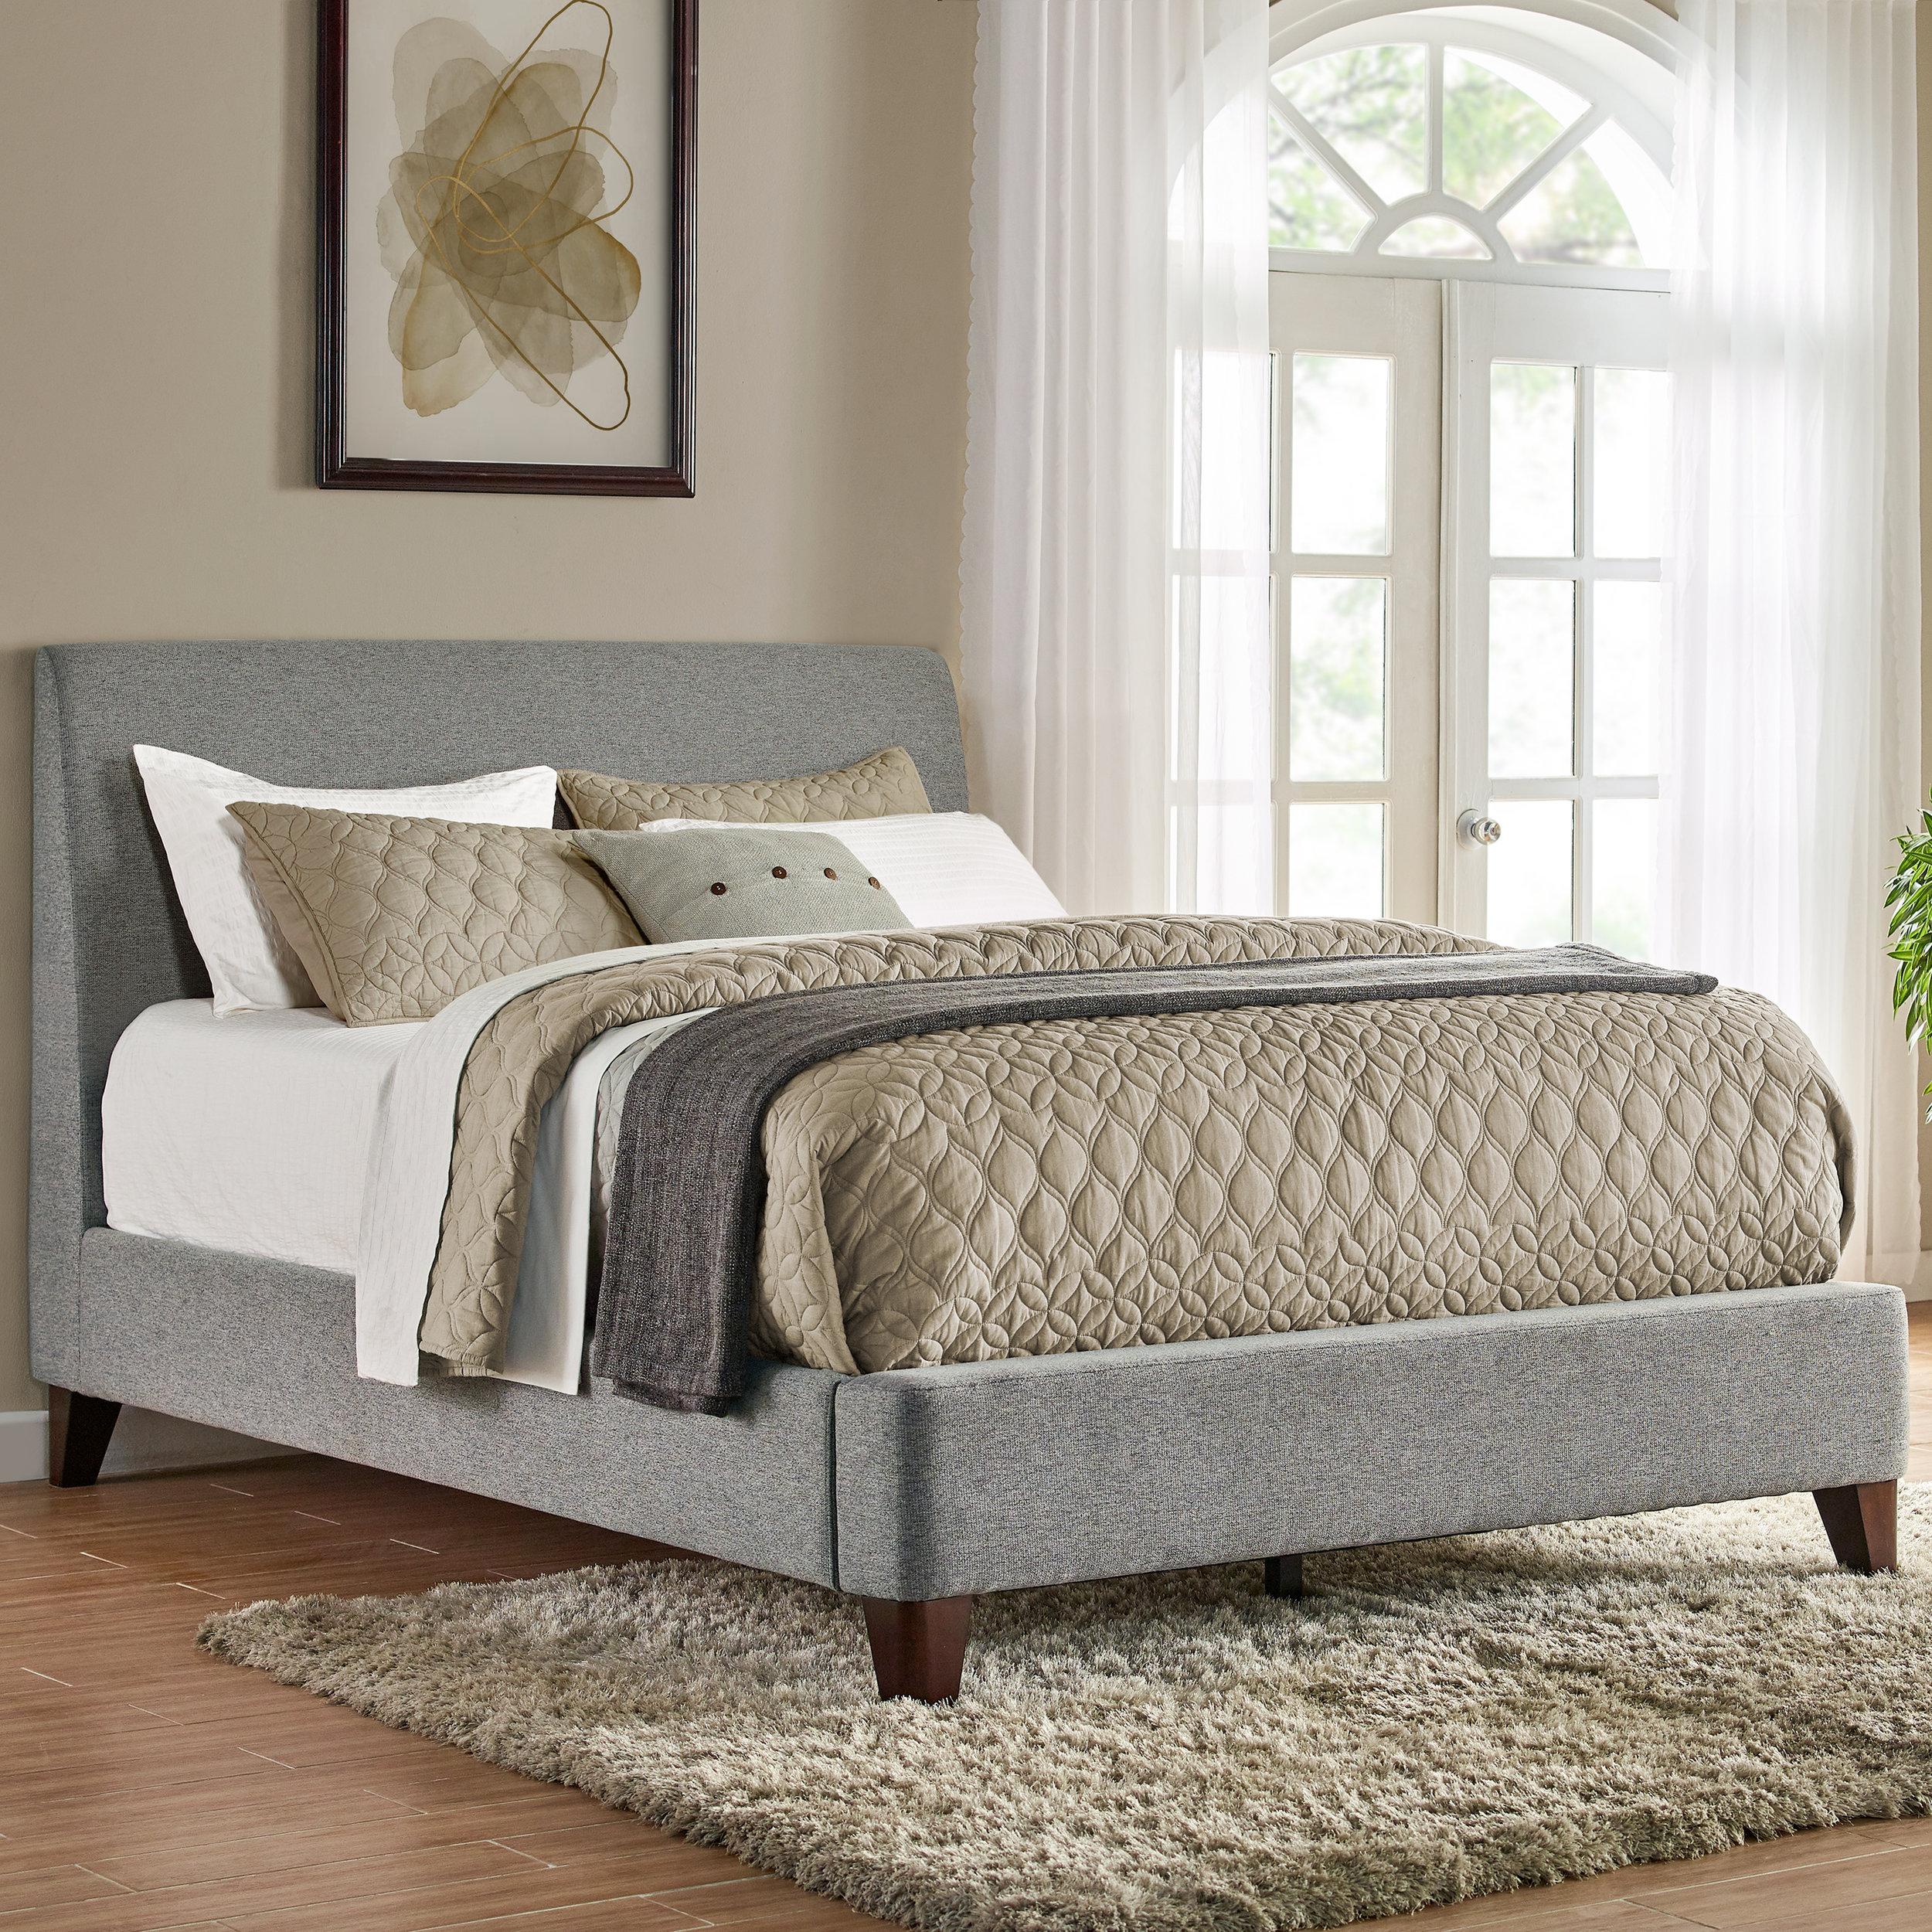 cecilia bed northridge home